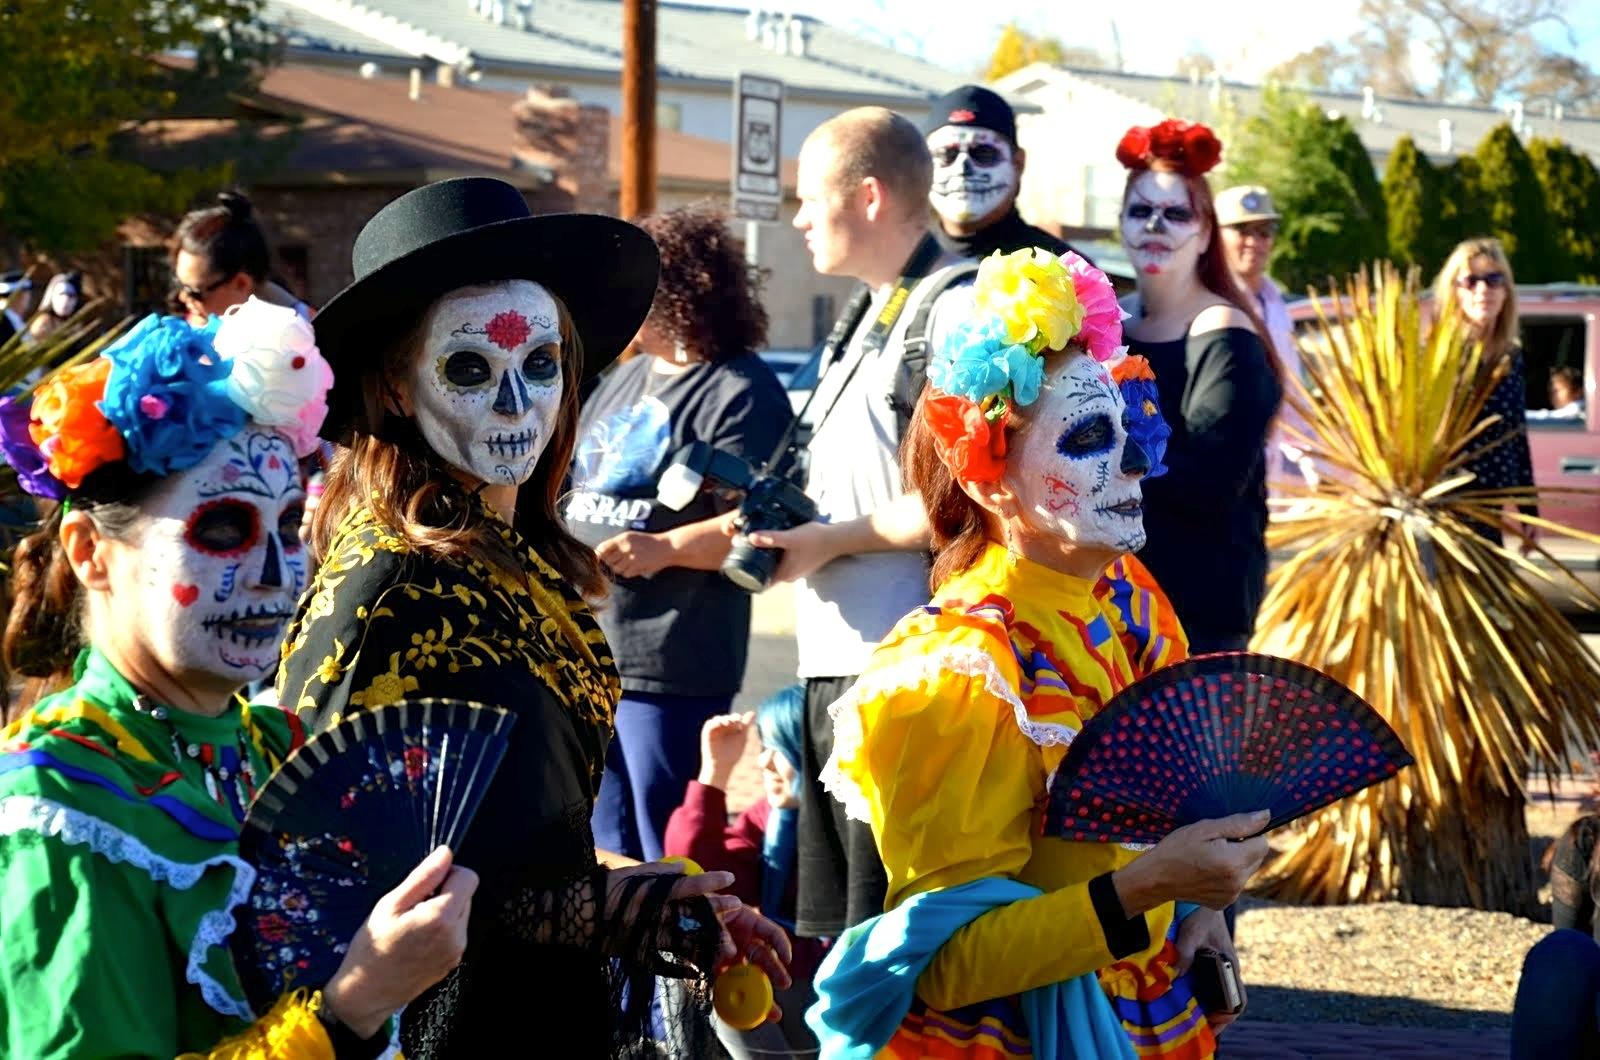 Día_de_los_Muertos_New_Mexico_2013_Seth_Nodelman_Margigold_Parade - 36